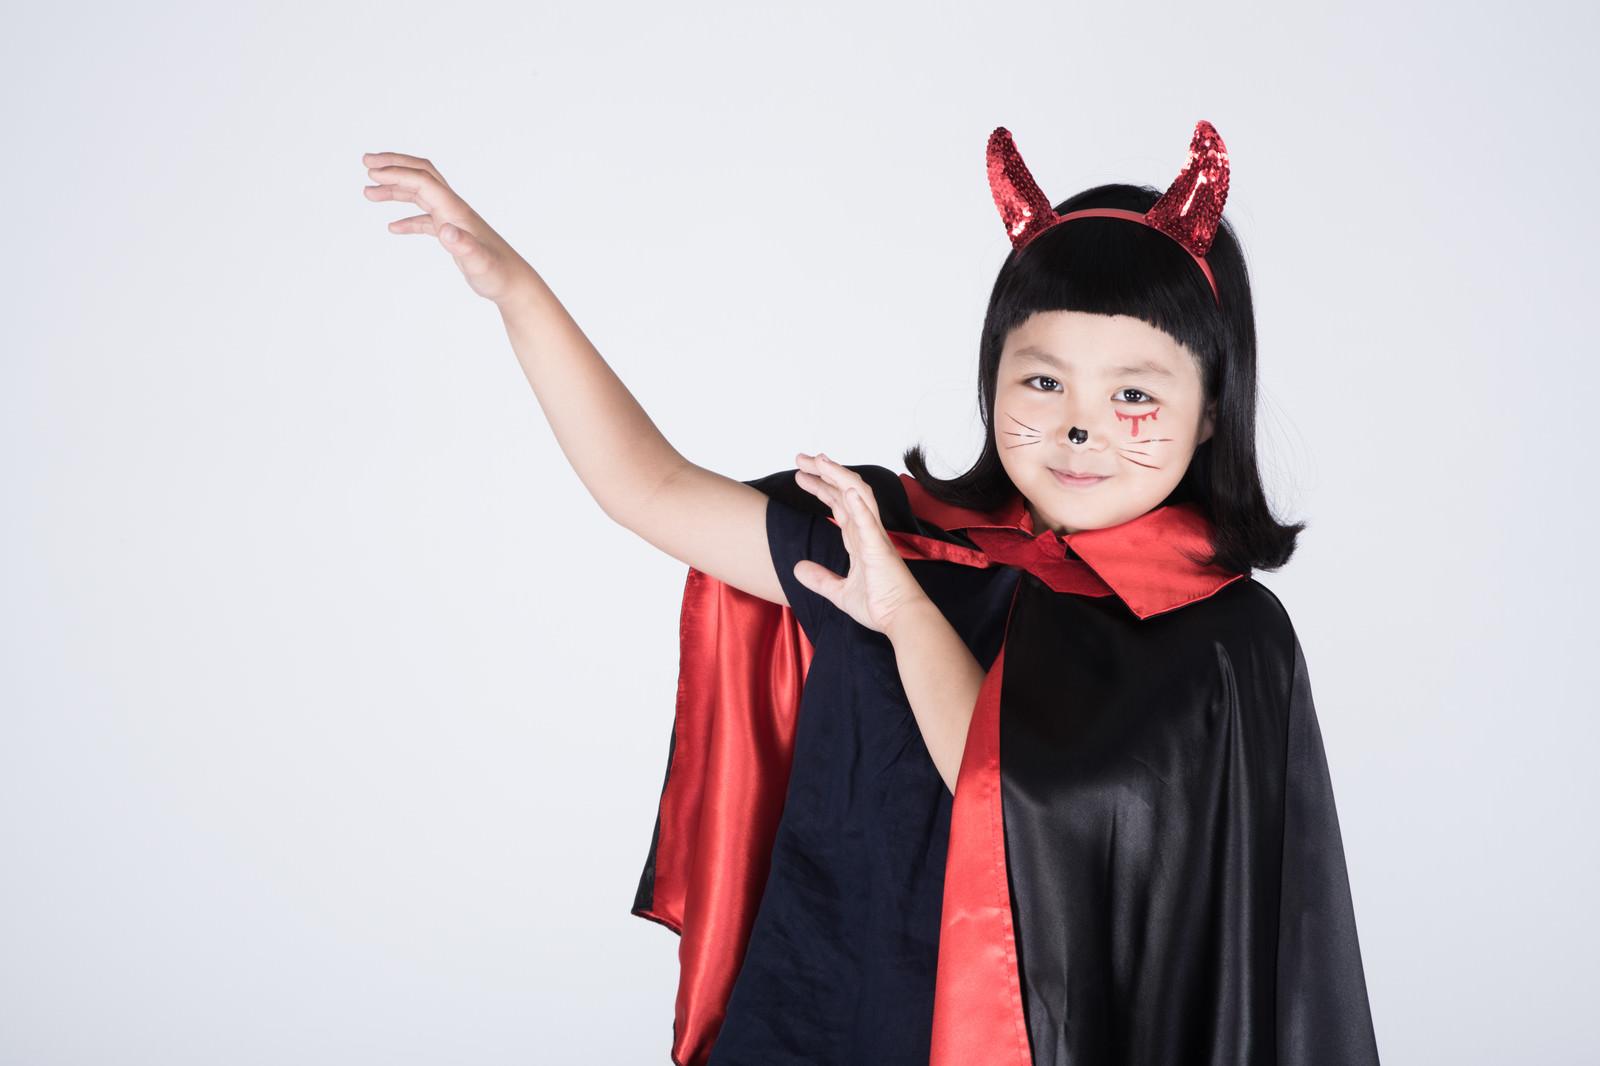 「強力な魔法を詠唱しはじめた子デビル強力な魔法を詠唱しはじめた子デビル」[モデル:ゆうき]のフリー写真素材を拡大